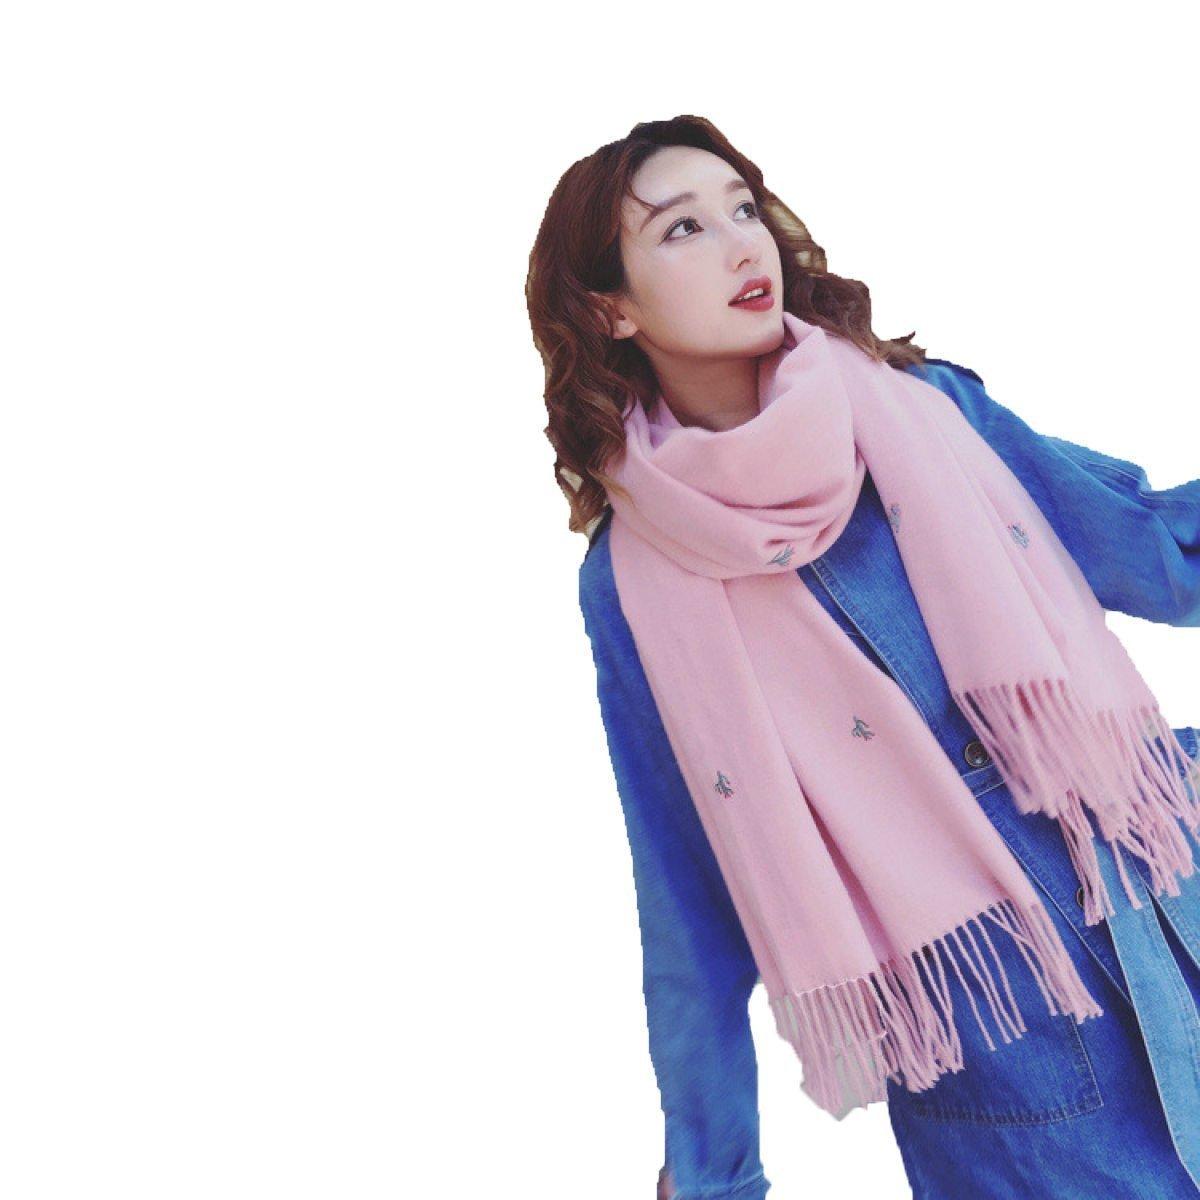 DIDIDD Bufandas de color sólido bordado chal doble uso caliente mujer,Rosado,205 * 69cm